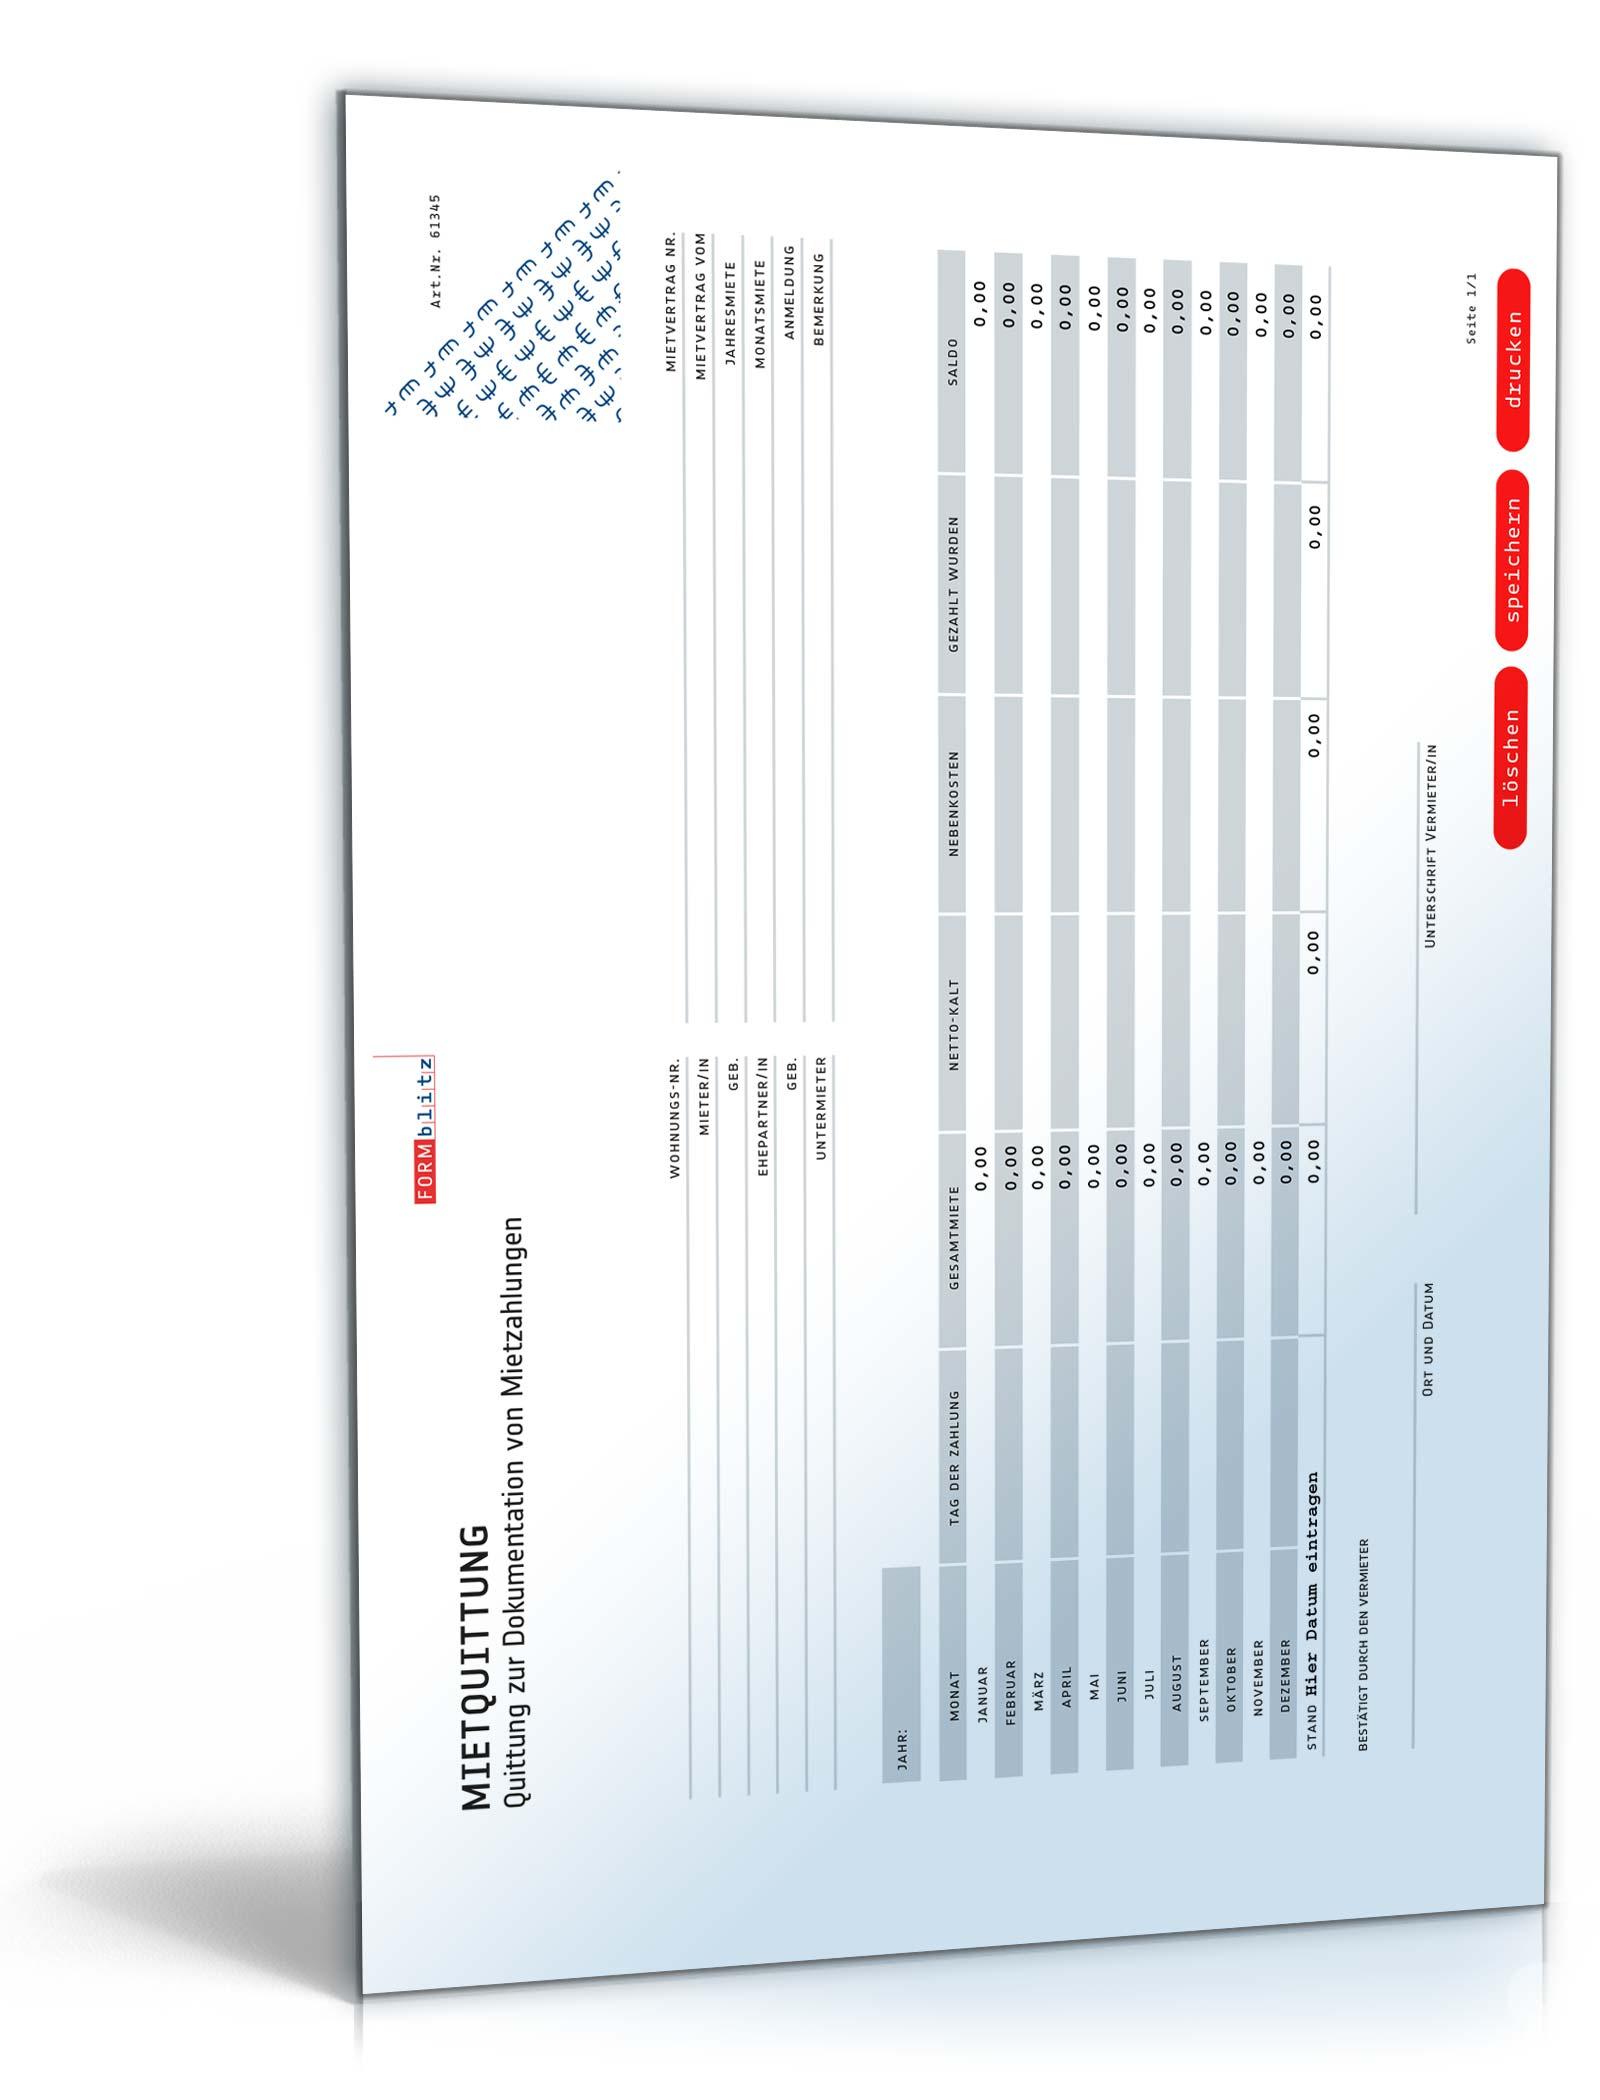 Mietquittung: Vorlage zur Bestätigung von Mietzahlungen